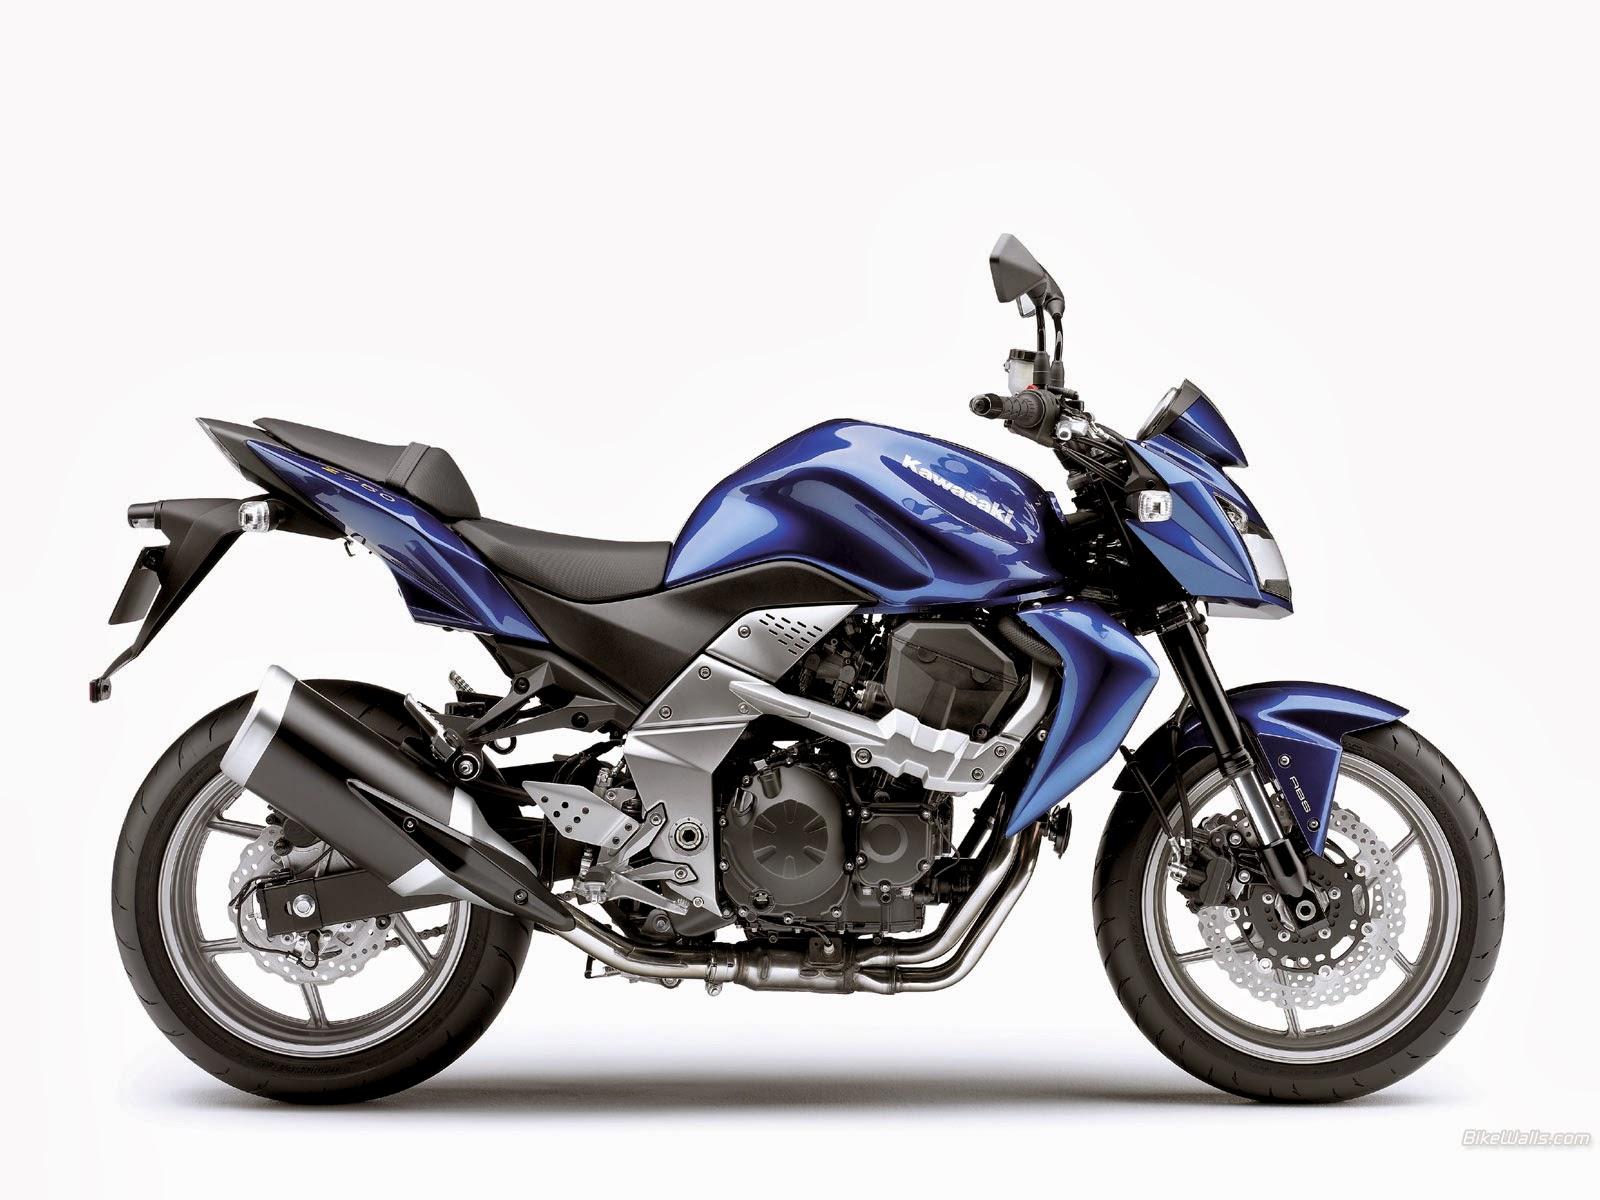 Kawasaki Zr 750 Kawasaki Motor